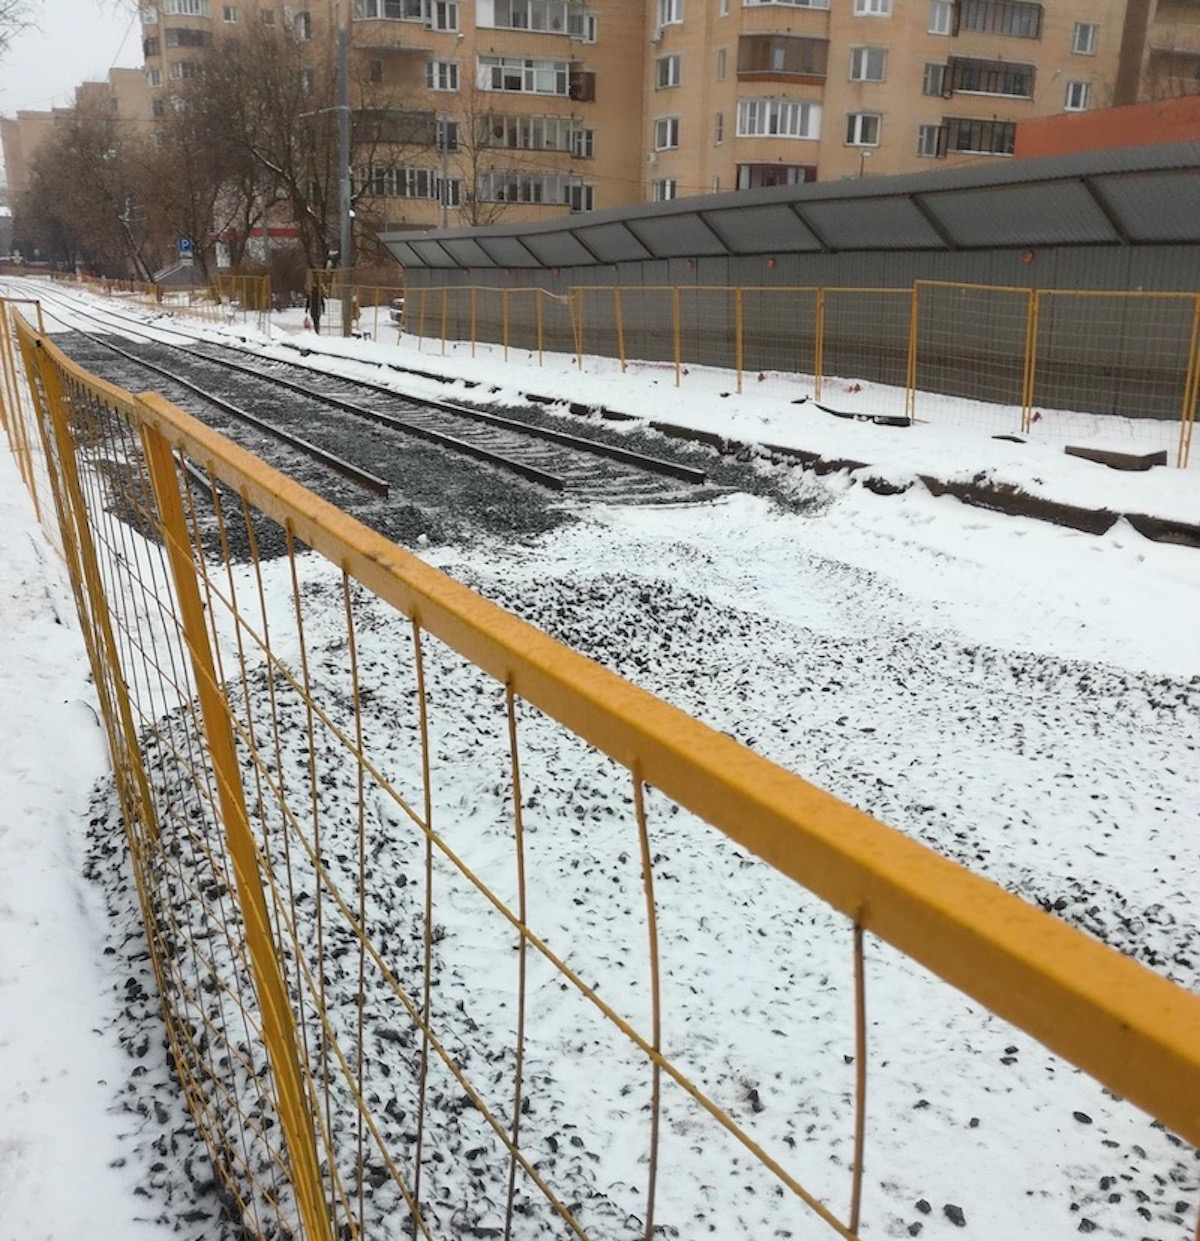 Жители московского района Богородское сообщили о неработающих трамваях